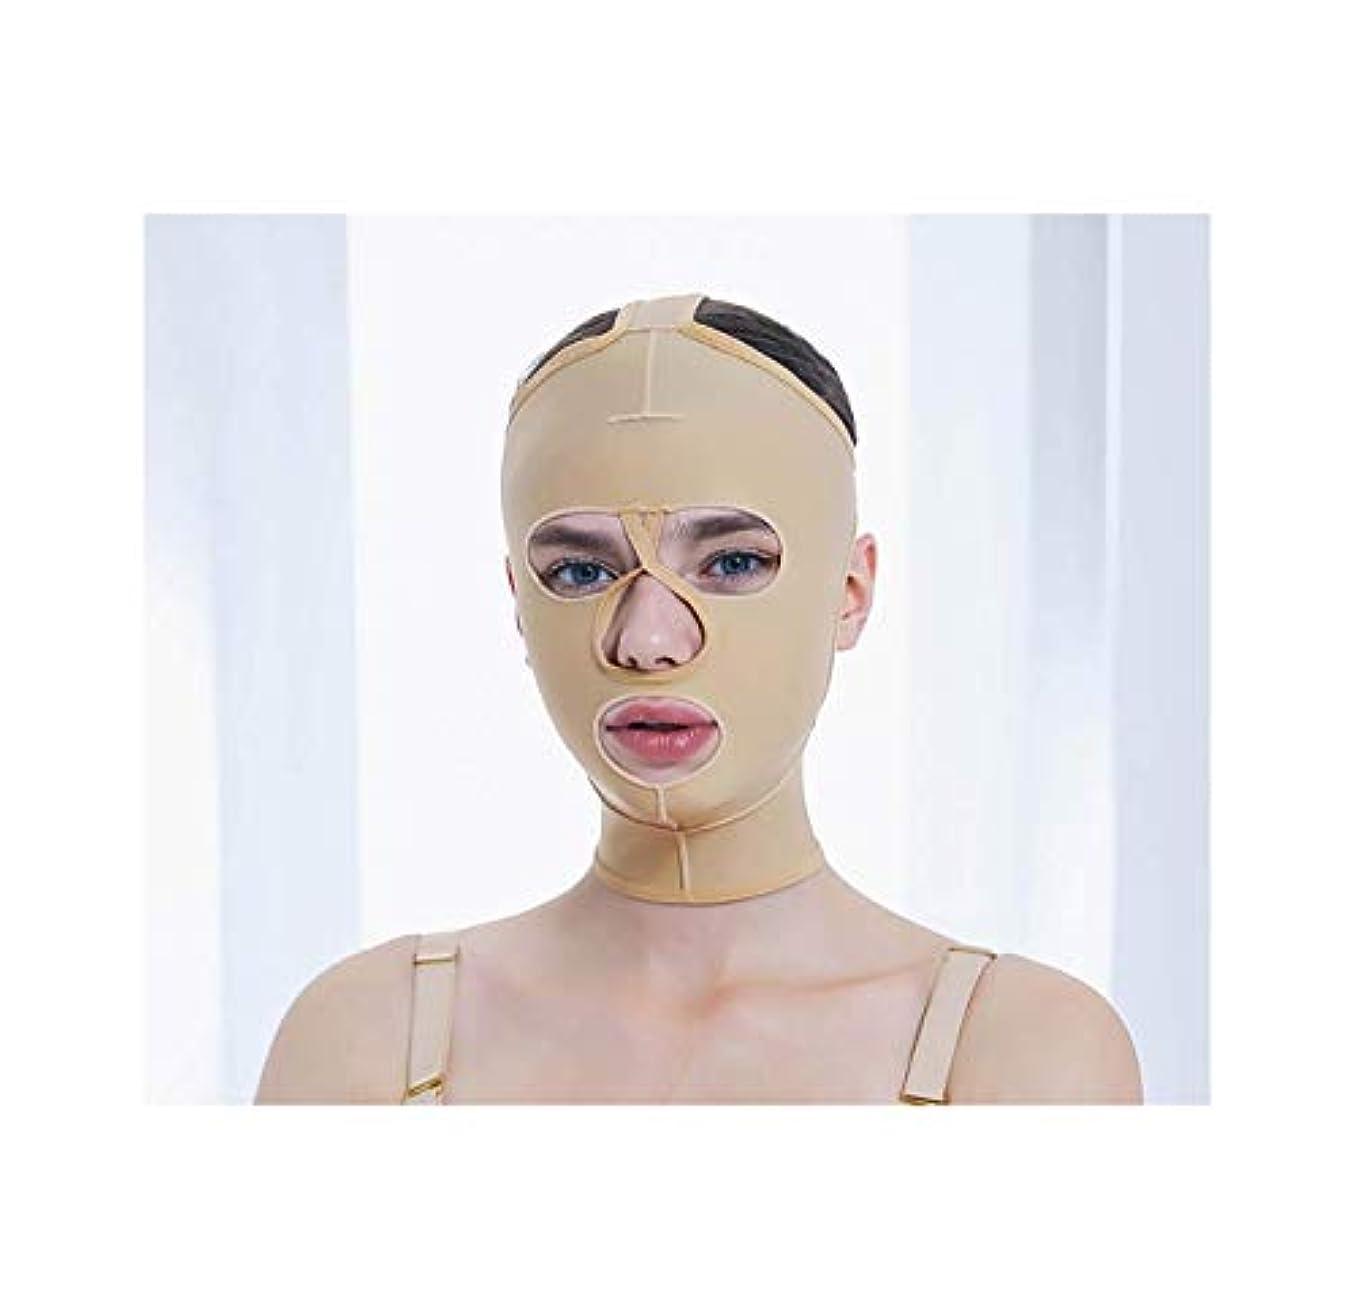 絡み合いシールグレードフェイス&ネックリフト、減量フェイスマスク脂肪吸引術脂肪吸引整形マスクフードフェイスリフティングアーティファクトVフェイスビームフェイス弾性スリーブ(サイズ:XS),Xl